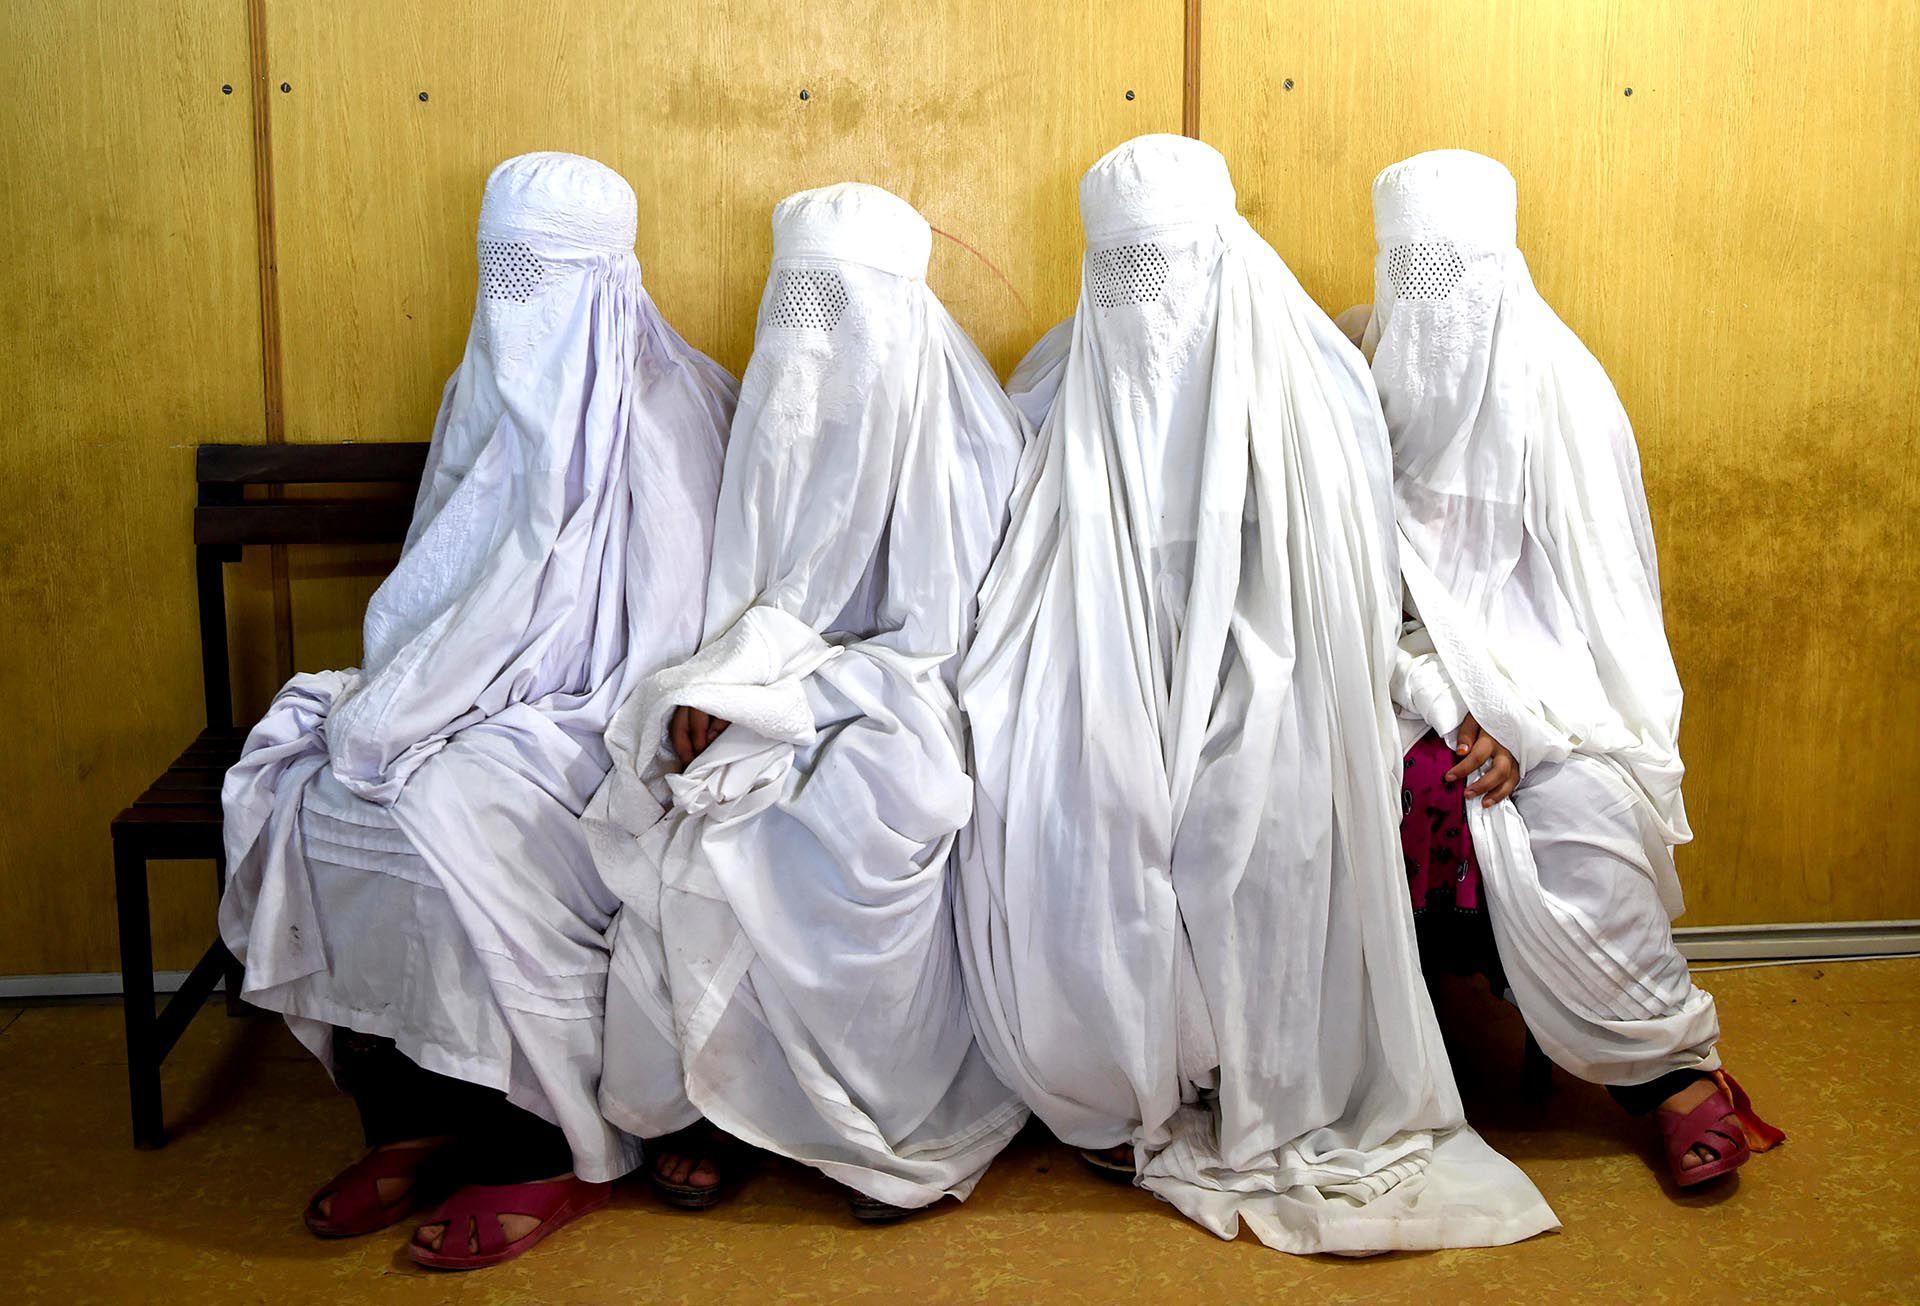 La ropa de mujer no debía ser fina ni estar decorada o ser colorida; no debía ser estrecha ni apretada (Foto: AFP)